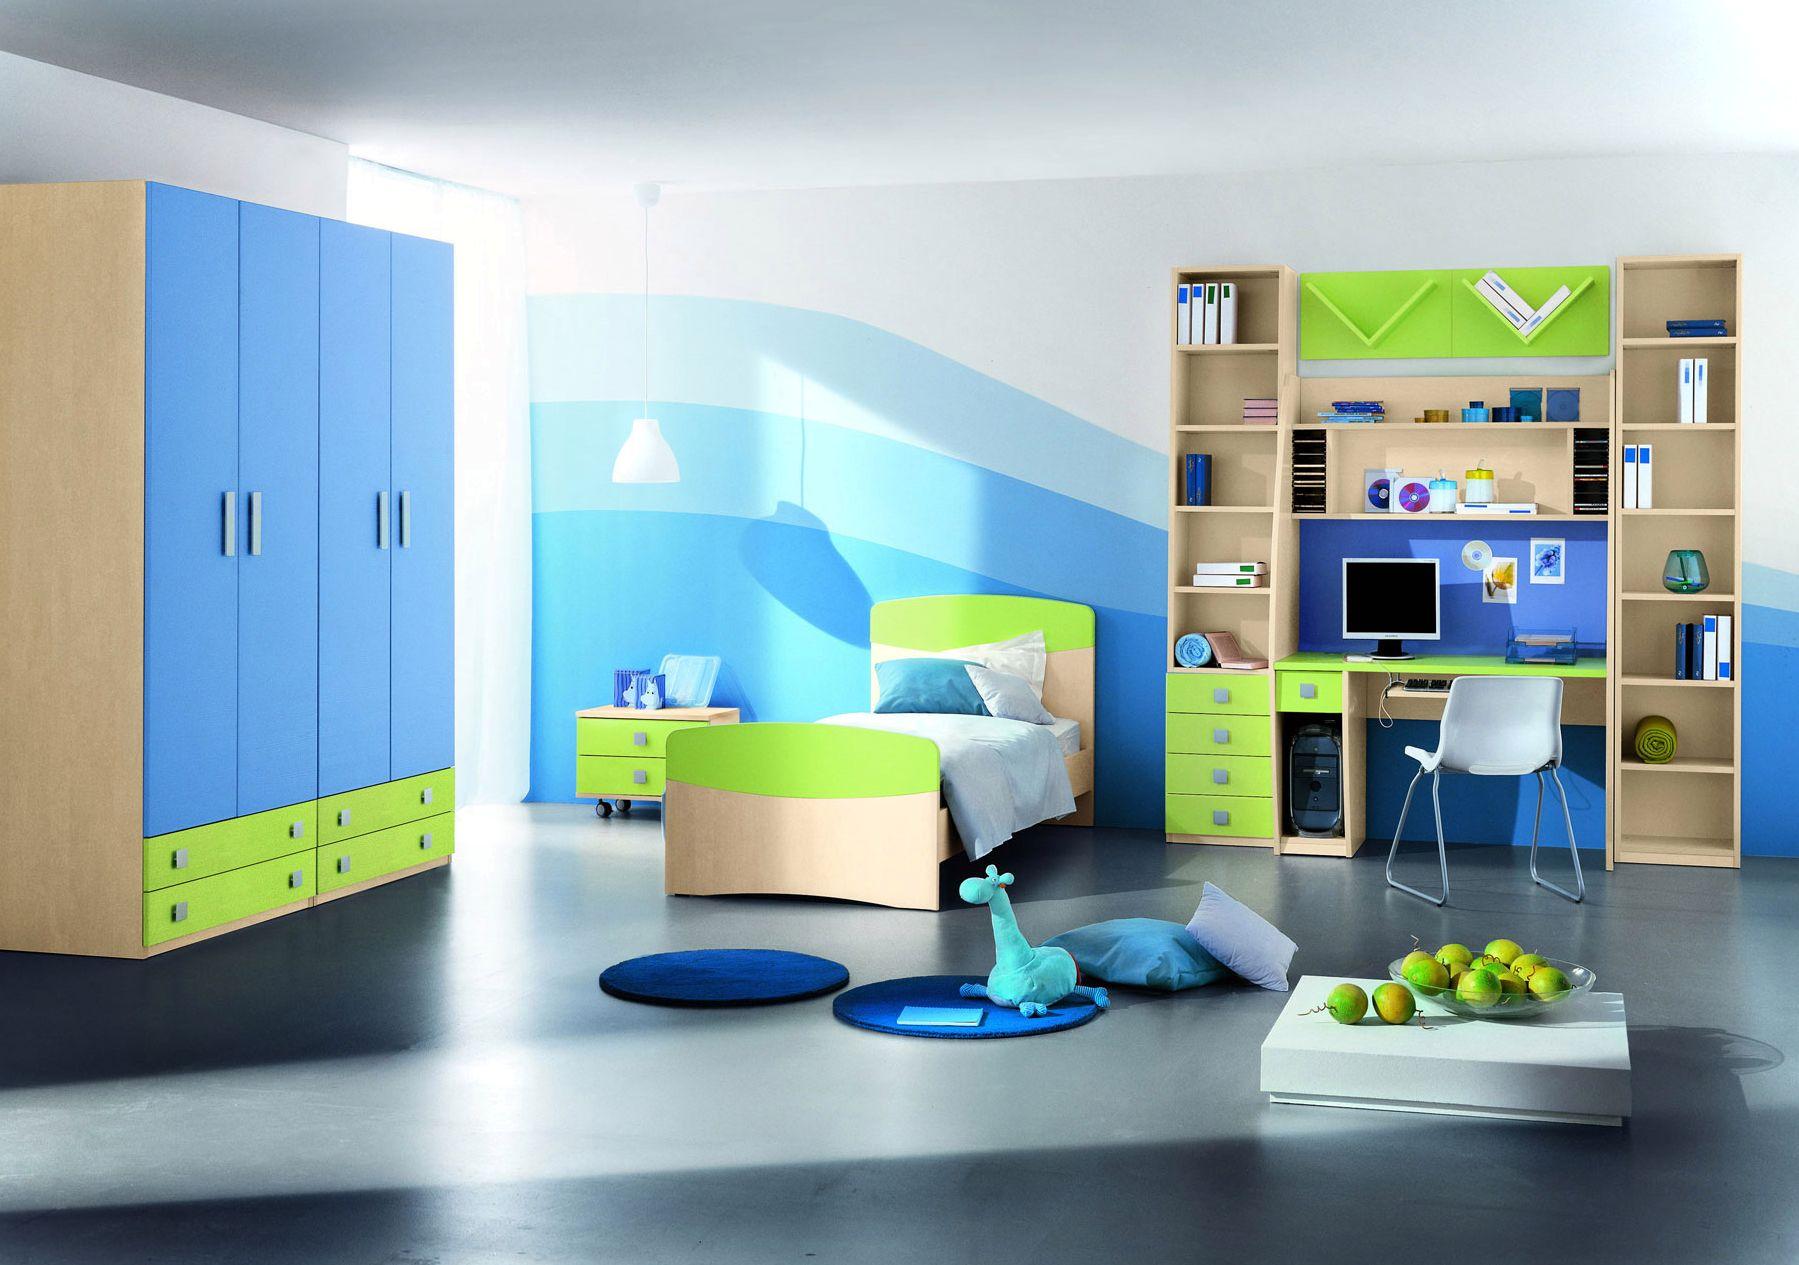 Бежево-сине-зеленая мебель в детской комнате для мальчика